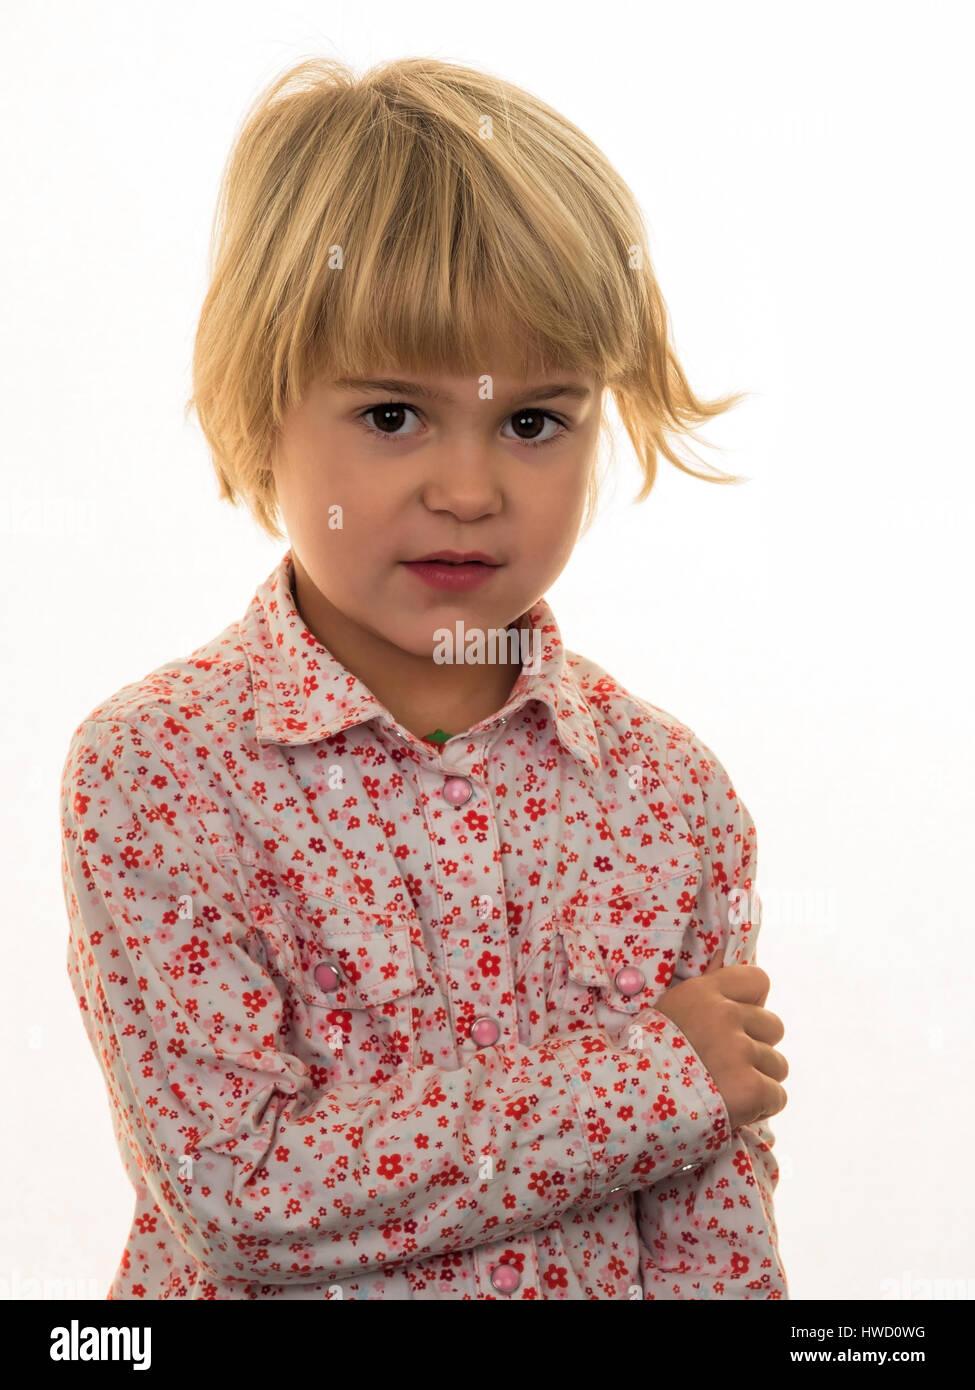 A small girl with a pensive expression, Ein kleines Mädchen mit einem nachdenklichen Gesichtsausdruck Stock Photo